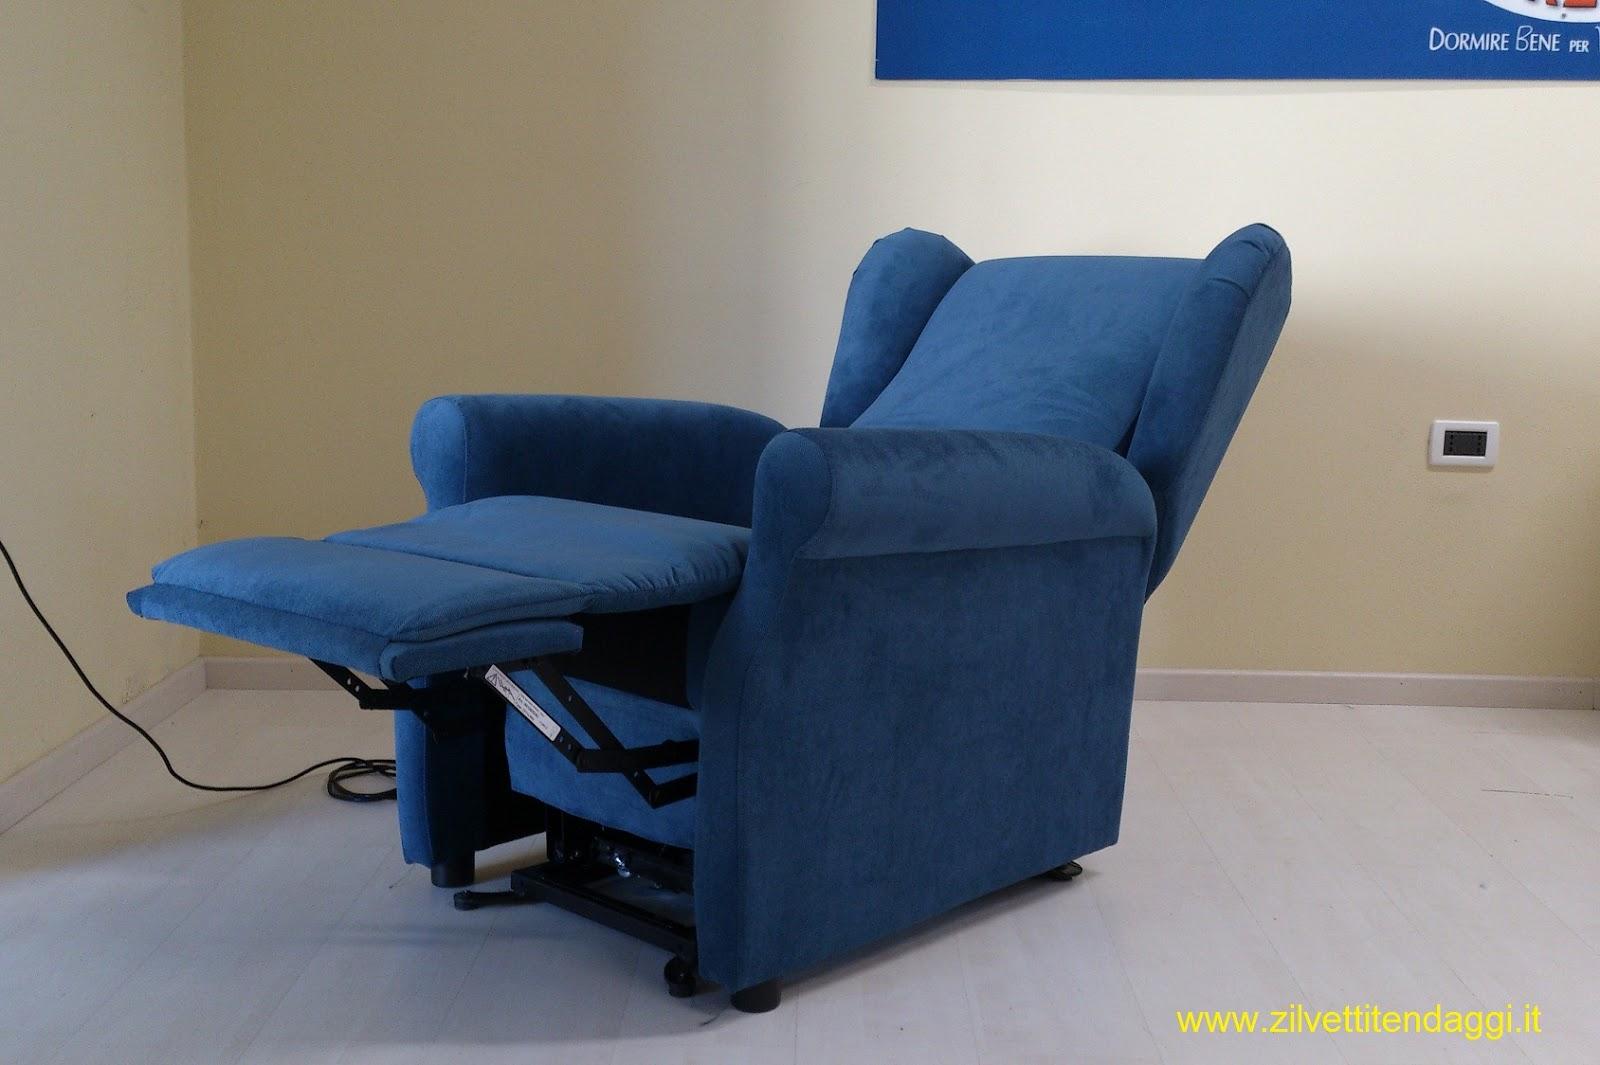 Negozi Poltrone Relax.Prezzi Poltrone Relax Ispirazione Per La Casa E L Arredamento